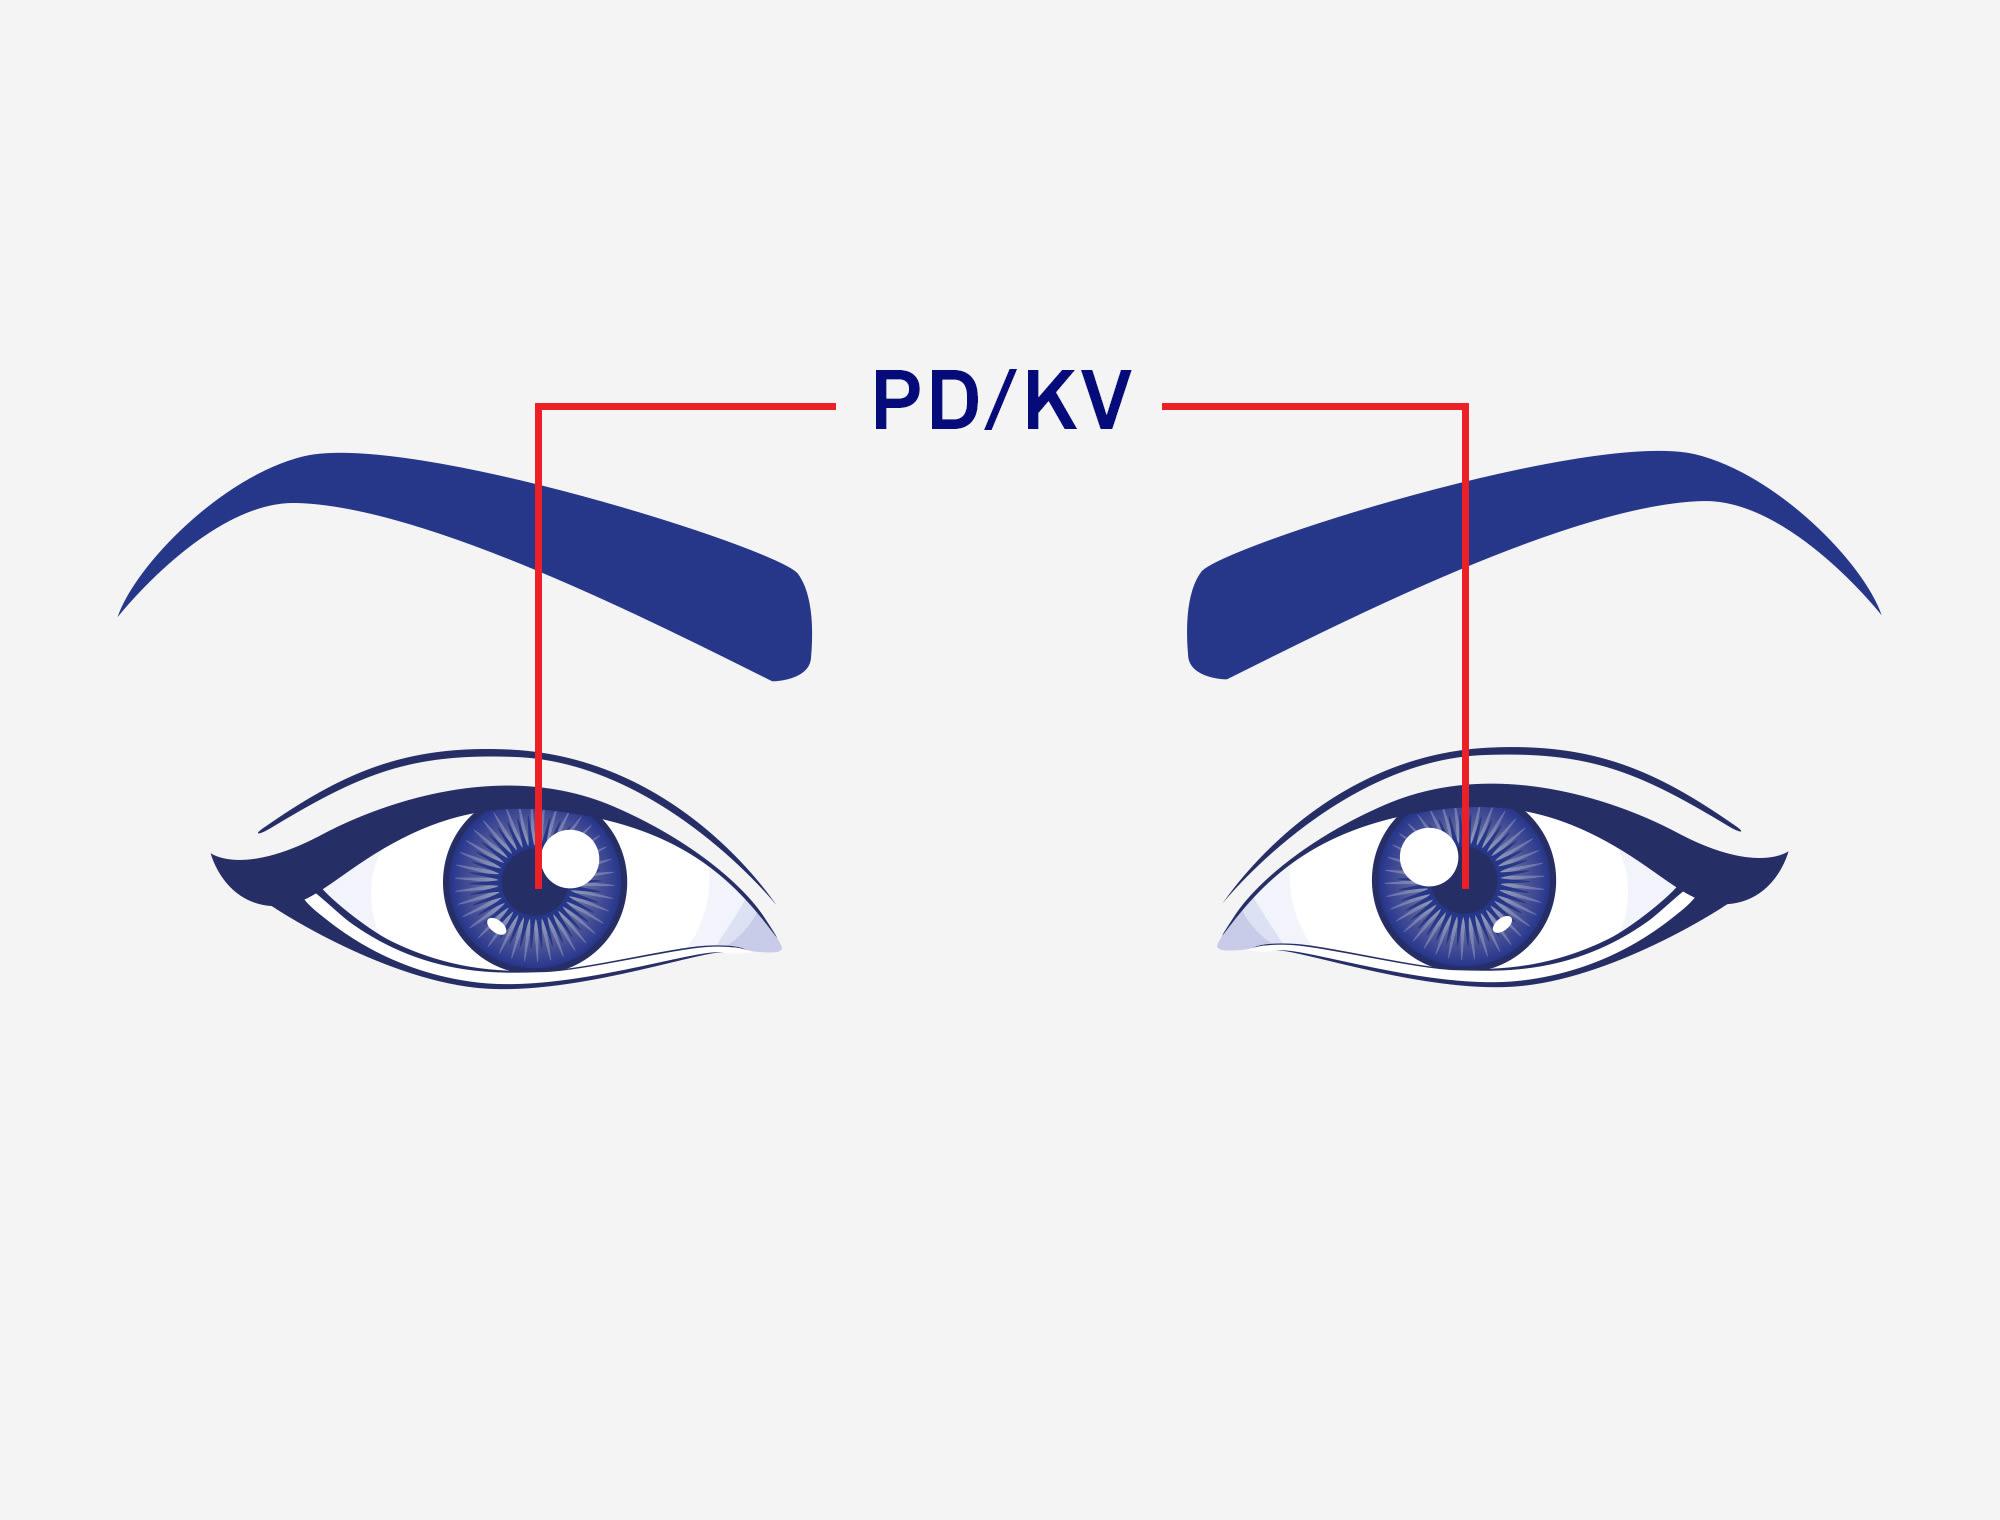 Lisävoimakkuus ja pupilliväli